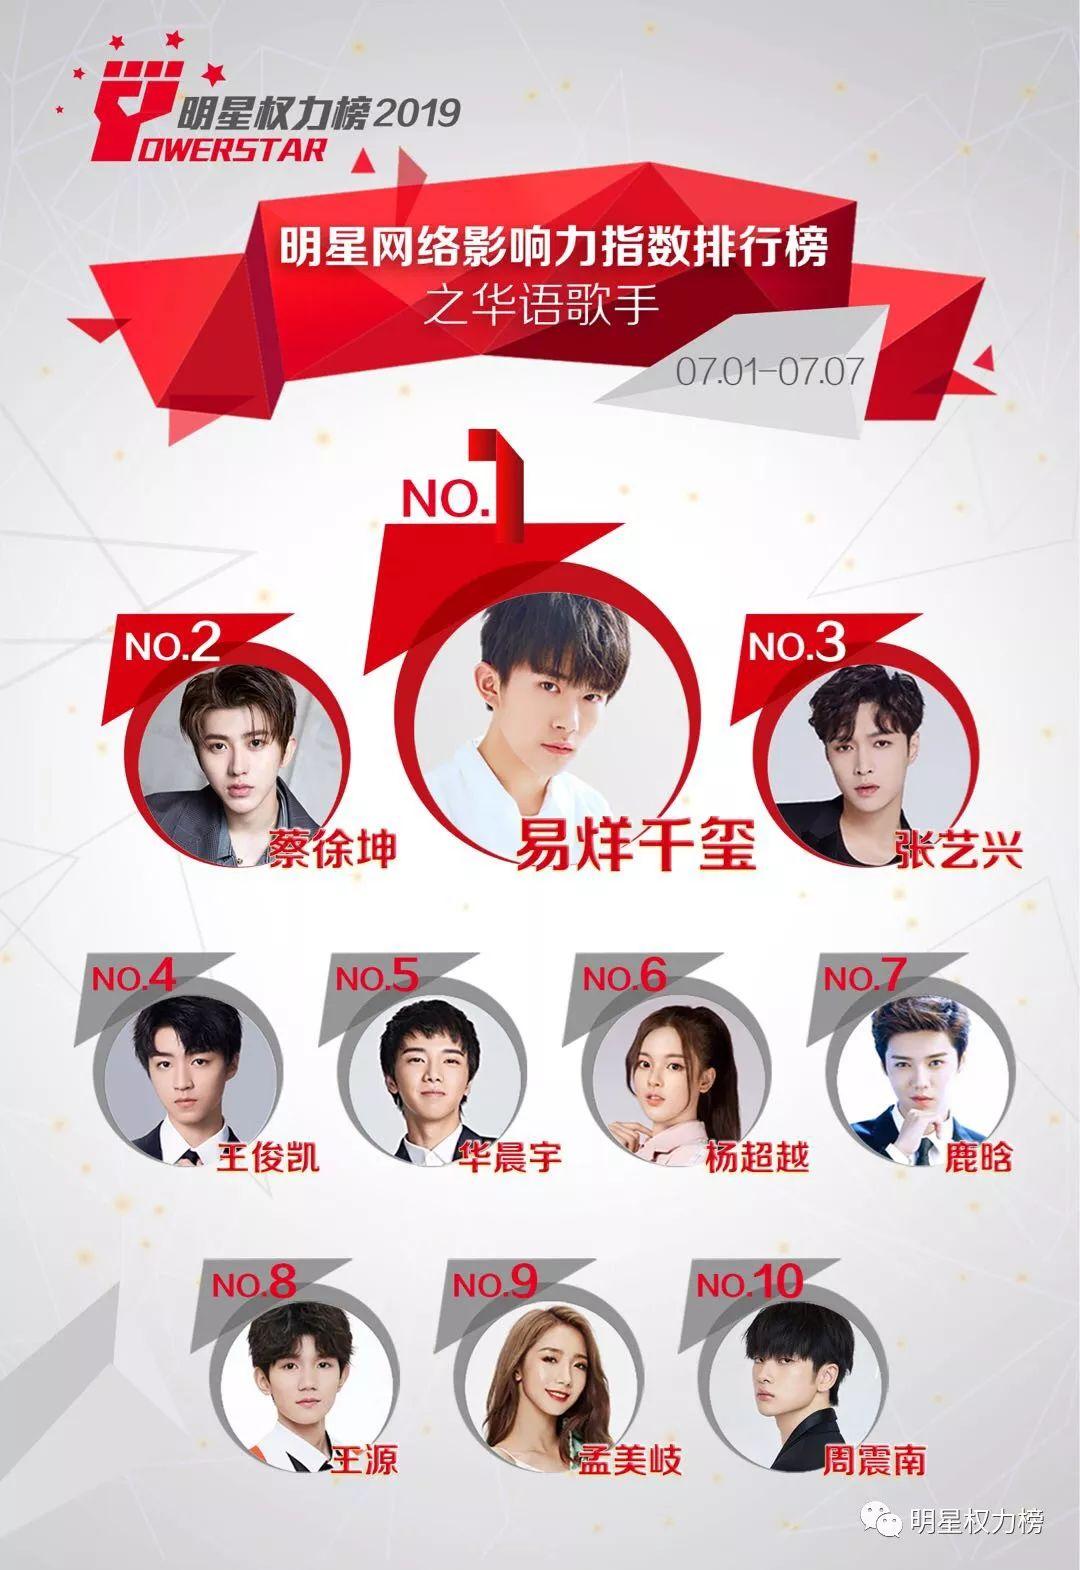 明星网络影响力指数排行榜第207期榜单之华语歌手Top10